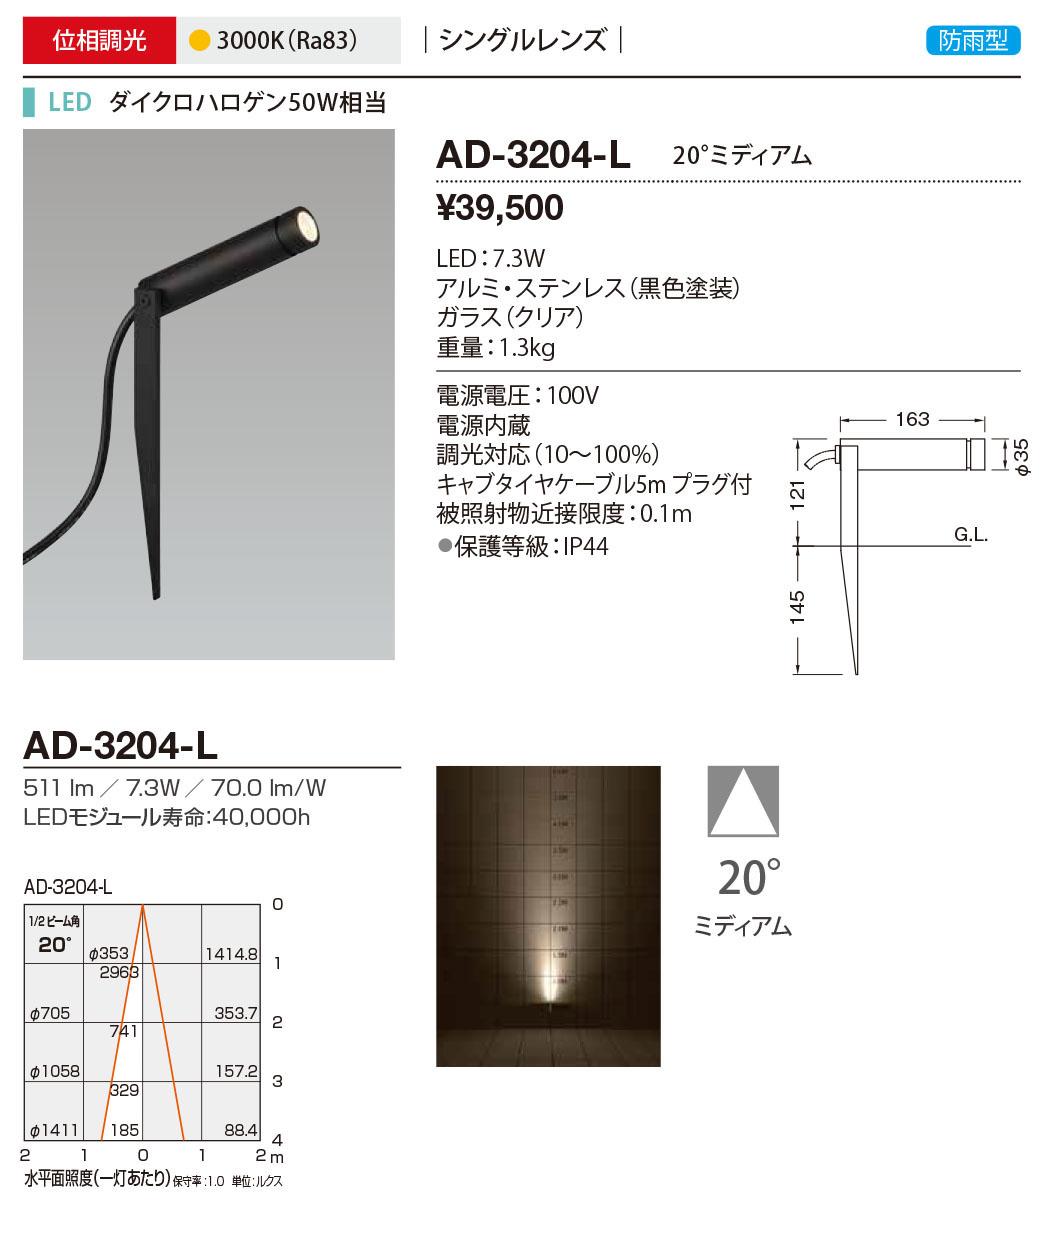 山田照明 照明器具エクステリア LED一体型スポットライト コンパクト35調光 シングルレンズ 防雨型 ミディアムダイクロハロゲン50W相当 電球色AD-3204-L